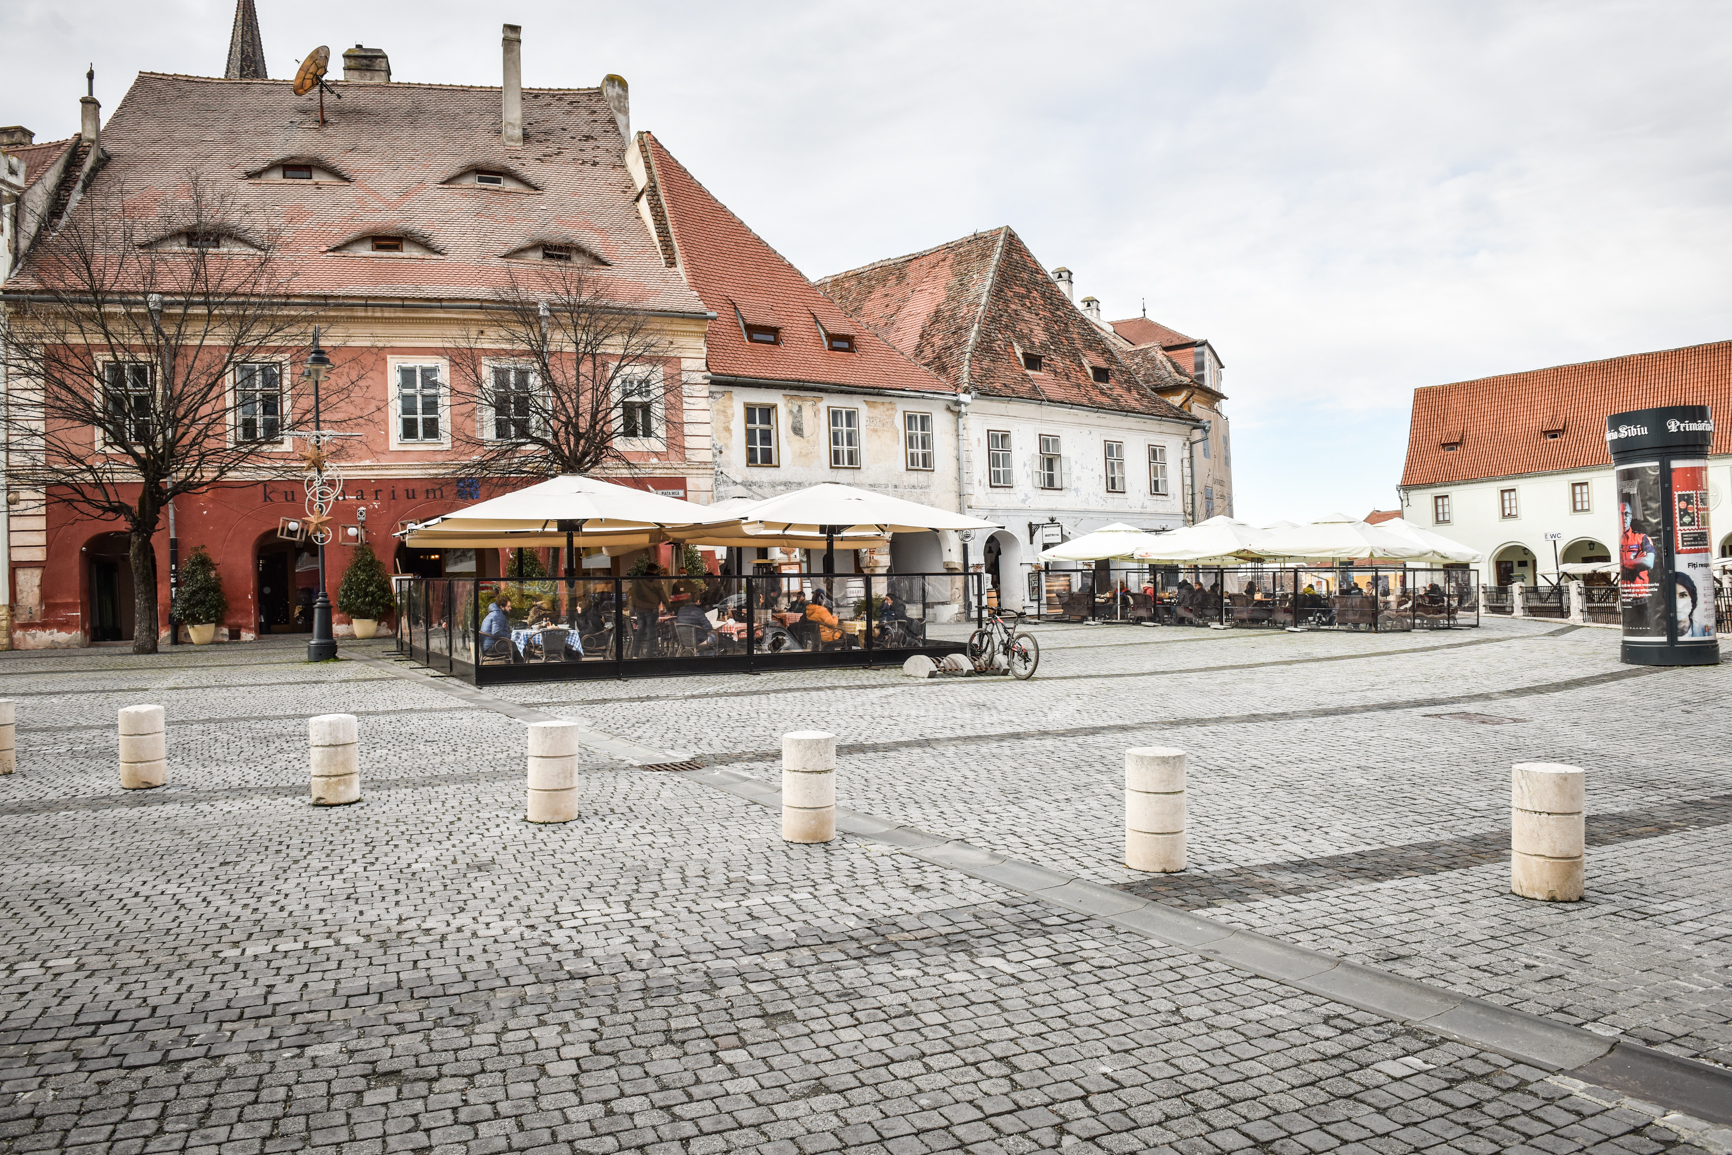 Rata de infectare în județul Sibiu crește din nou. Situația în fiecare localitate